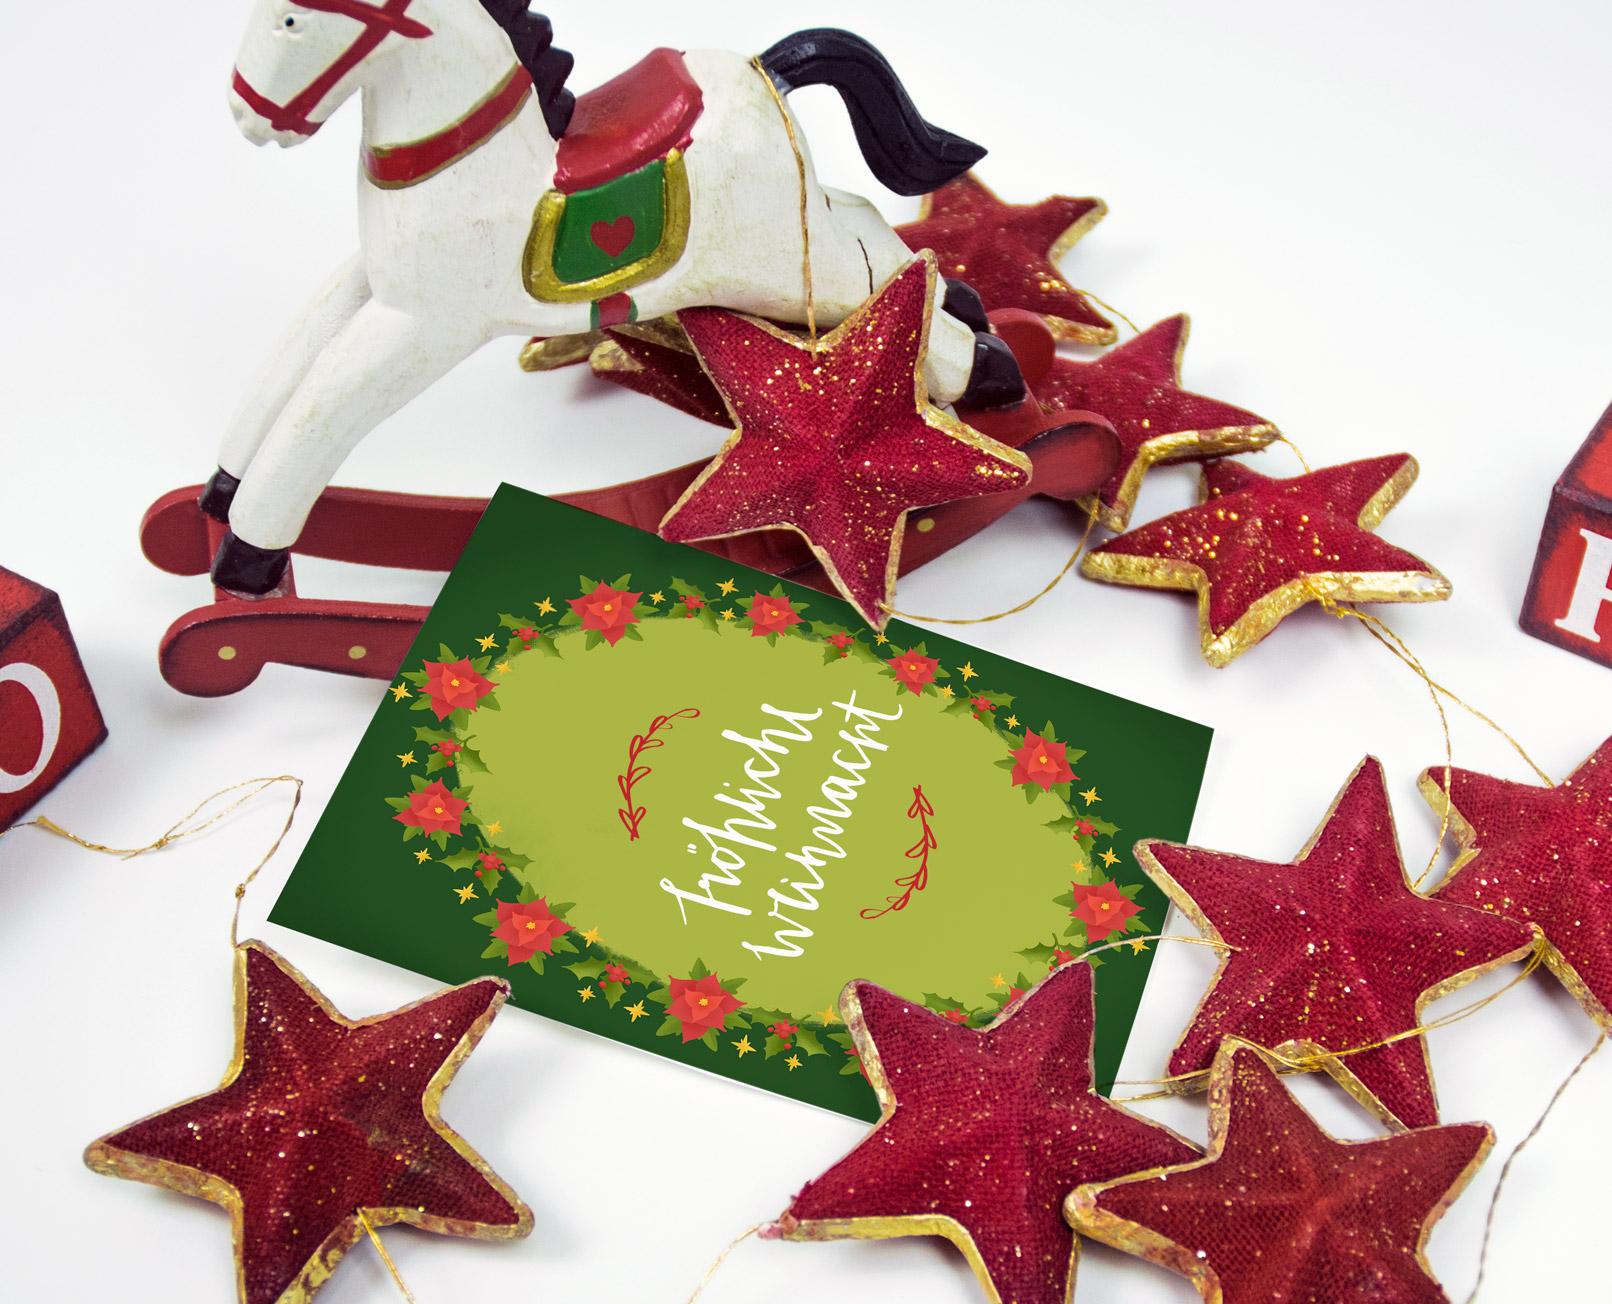 Hintergründe für Weihnachtsgrußkarten: Grußkarte inmitten weihnachtlicher Accessoires